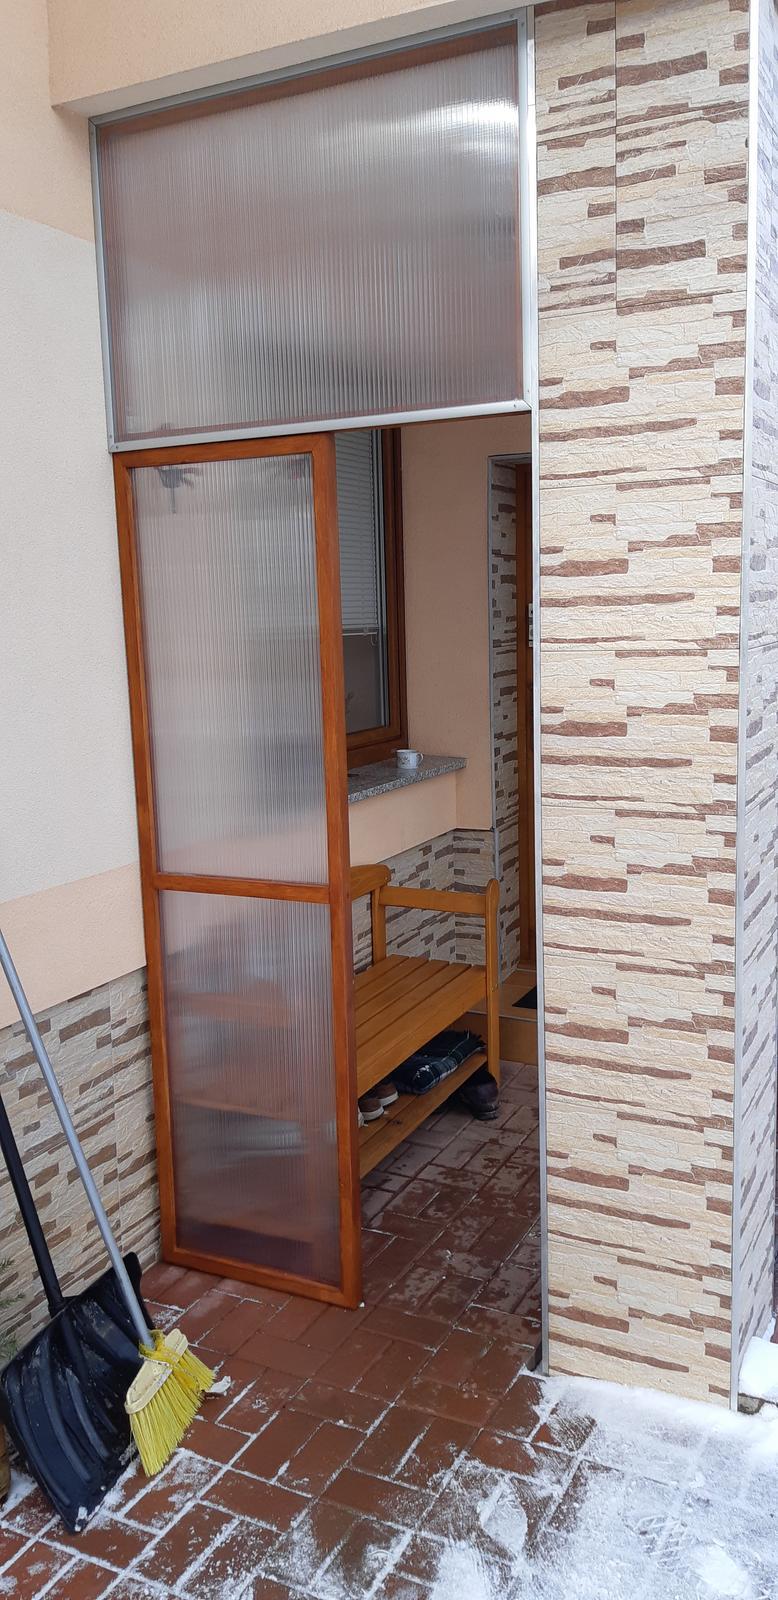 Využitie starých madiel z panelákovych domov - Pribudla ešte jedna odkladacia stienka aby nefukal sneh na topánky do lavičky